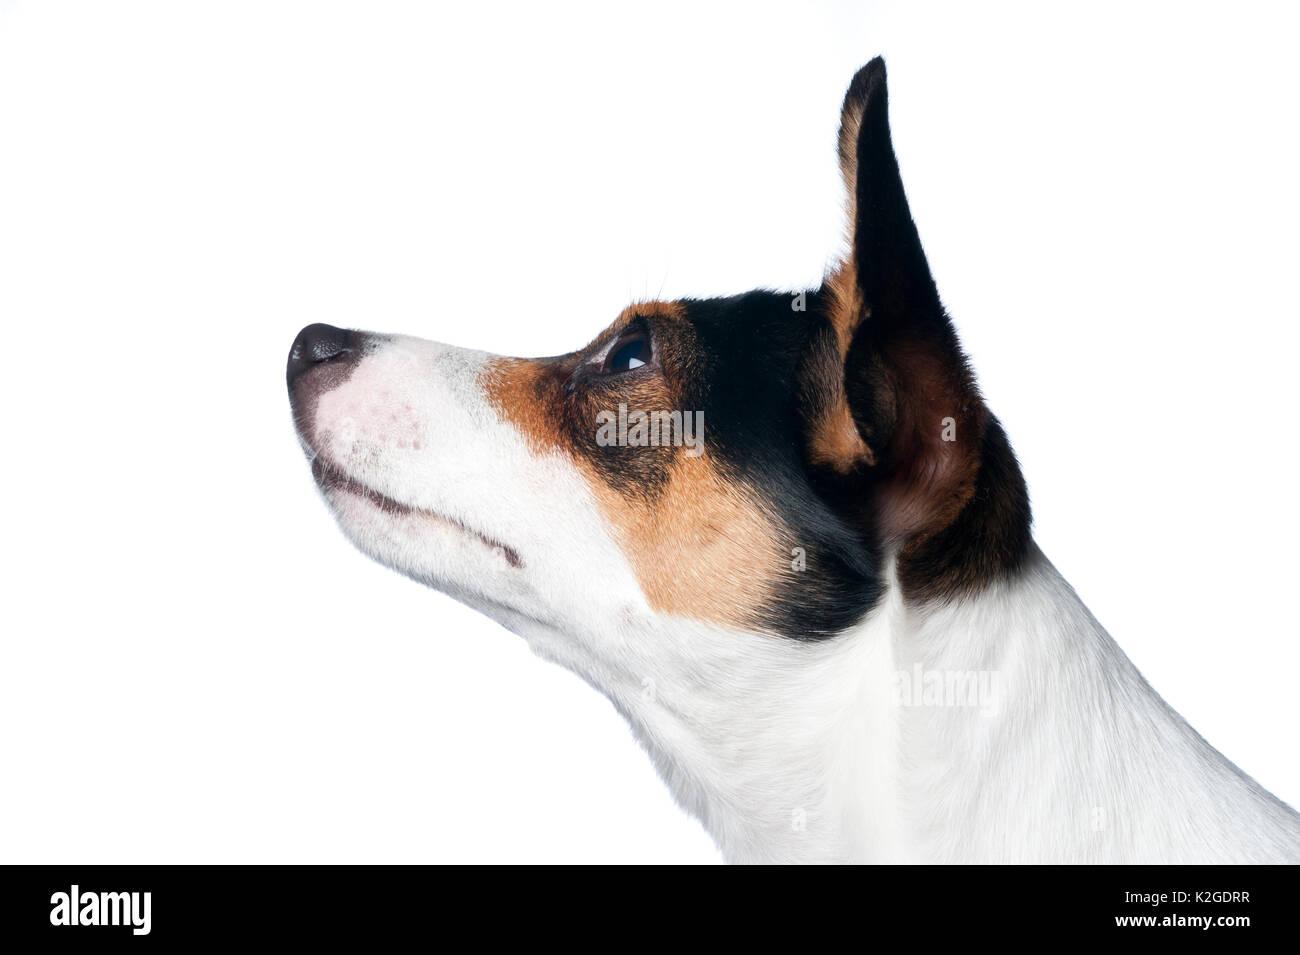 Danish / Swedish farm dog, Finland. Stock Photo